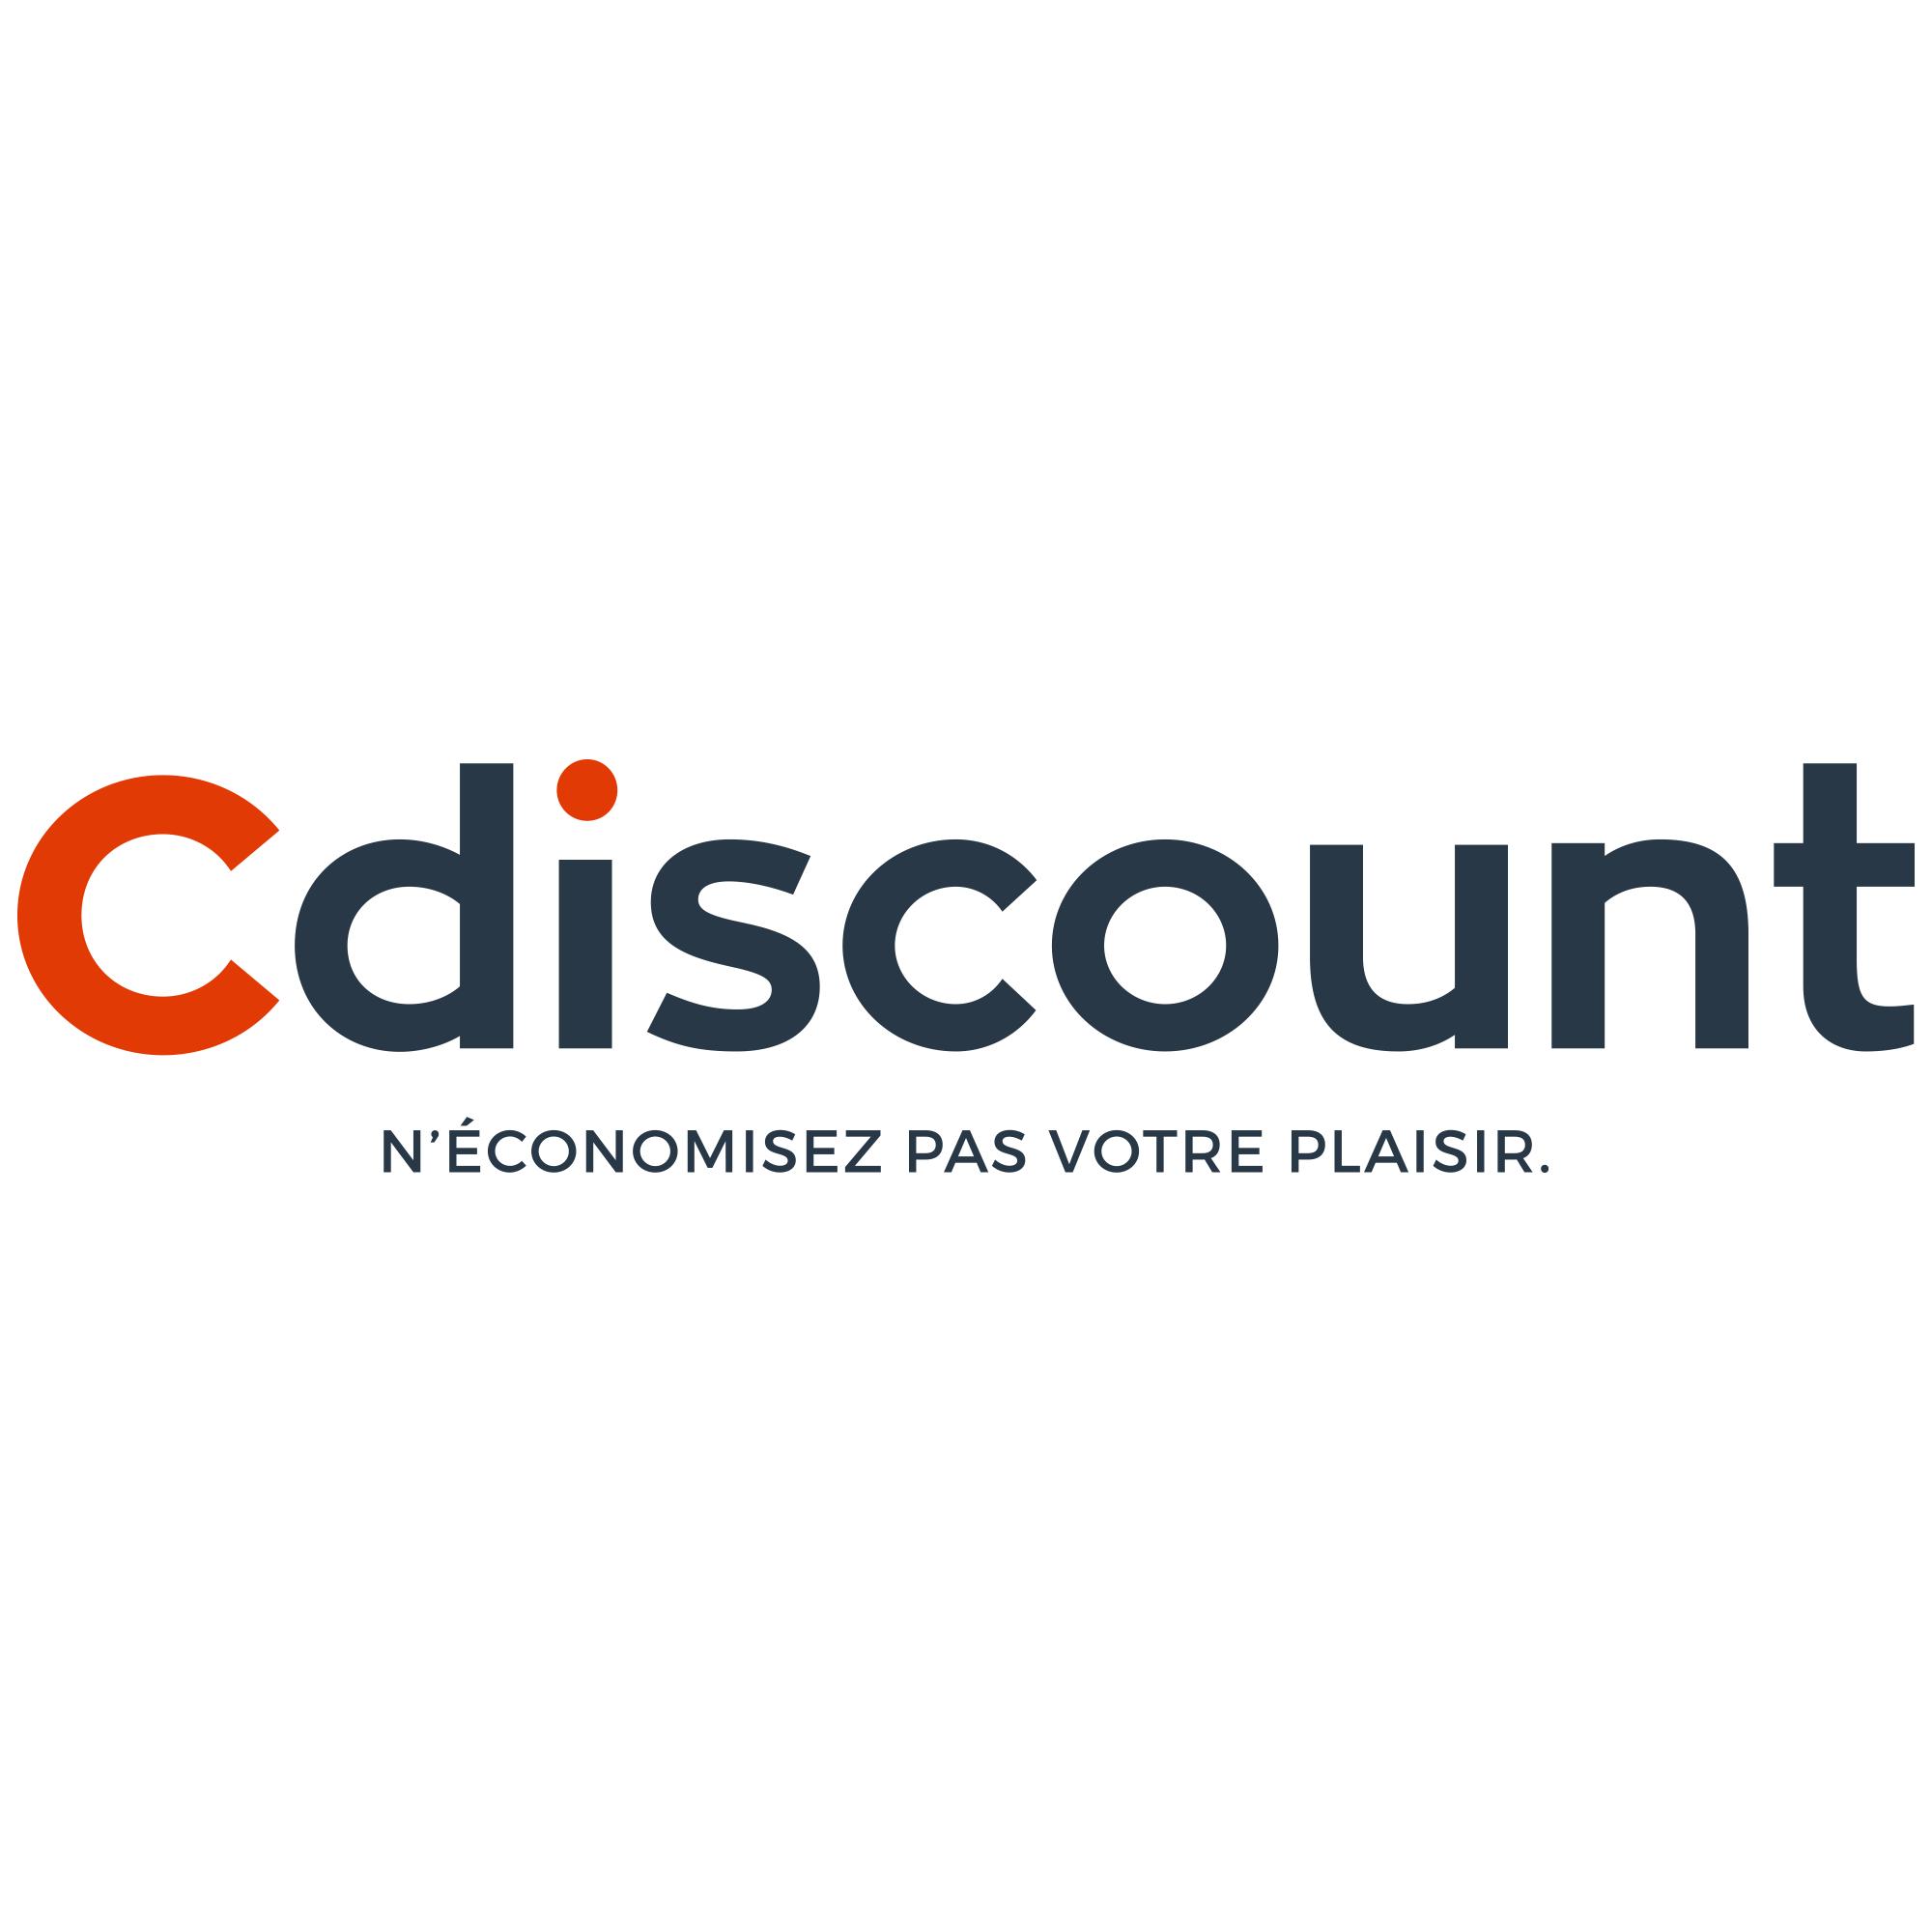 [Jamais abonné] Abonnement à Cdiscount à Volonté Gratuit pendant 30 Jours pour toute commande + Livraison gratuite sans minimum d'achat (Sans Engagement)